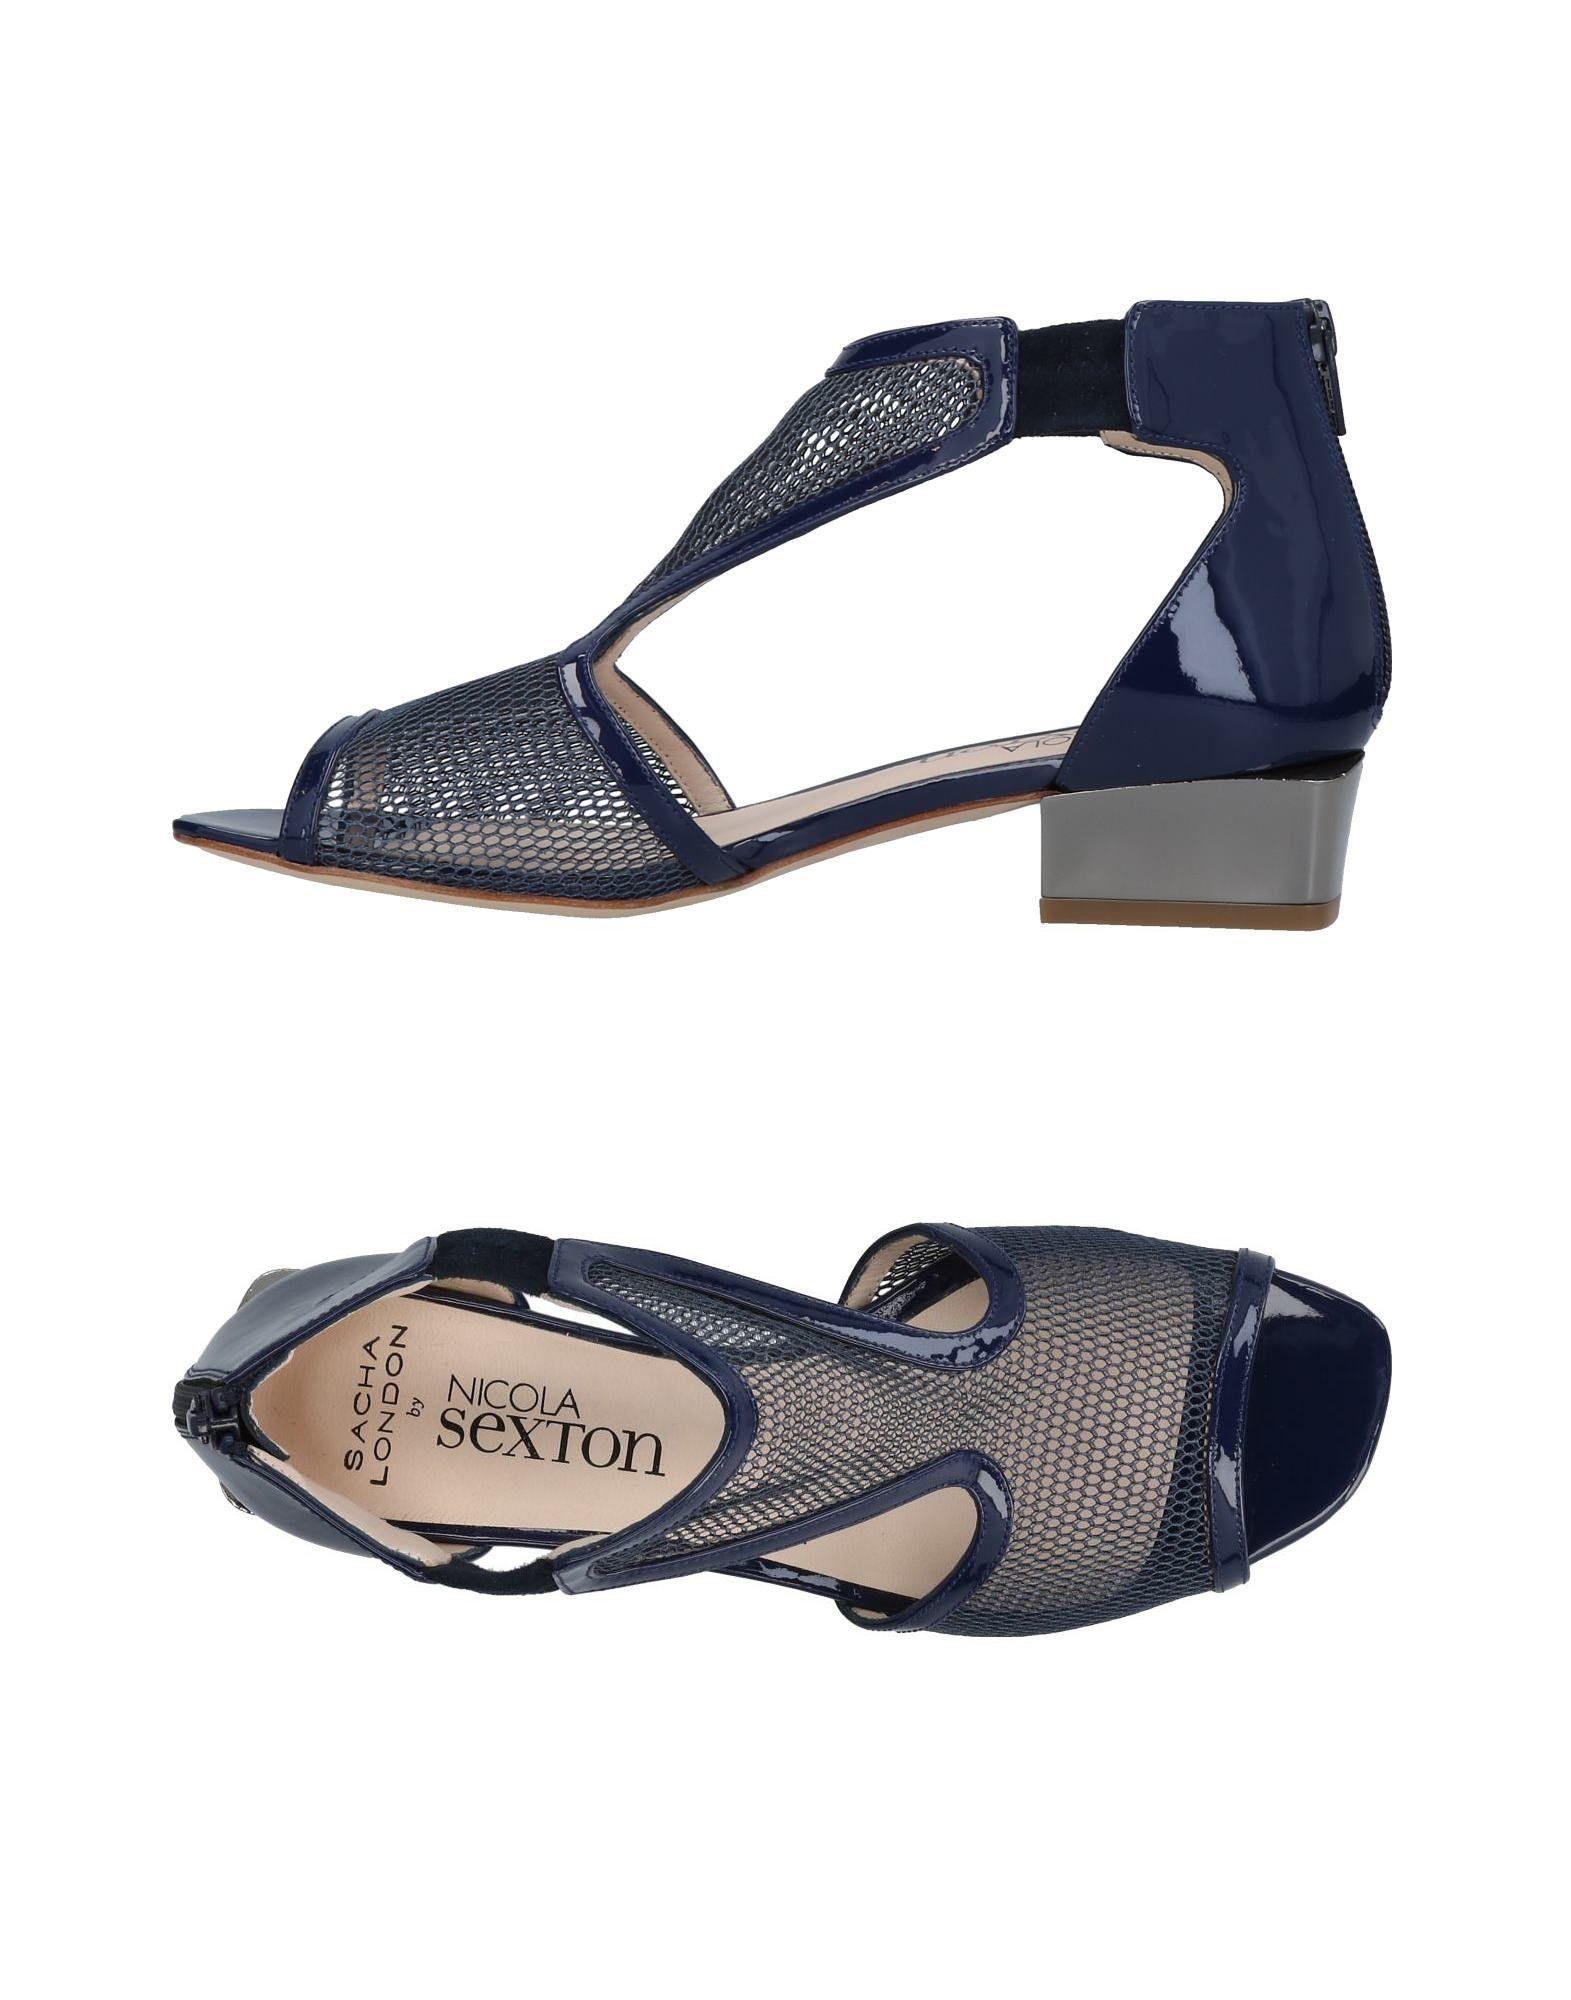 Nicola Sexton Sandalen Damen  11429397CE Gute Qualität beliebte Schuhe